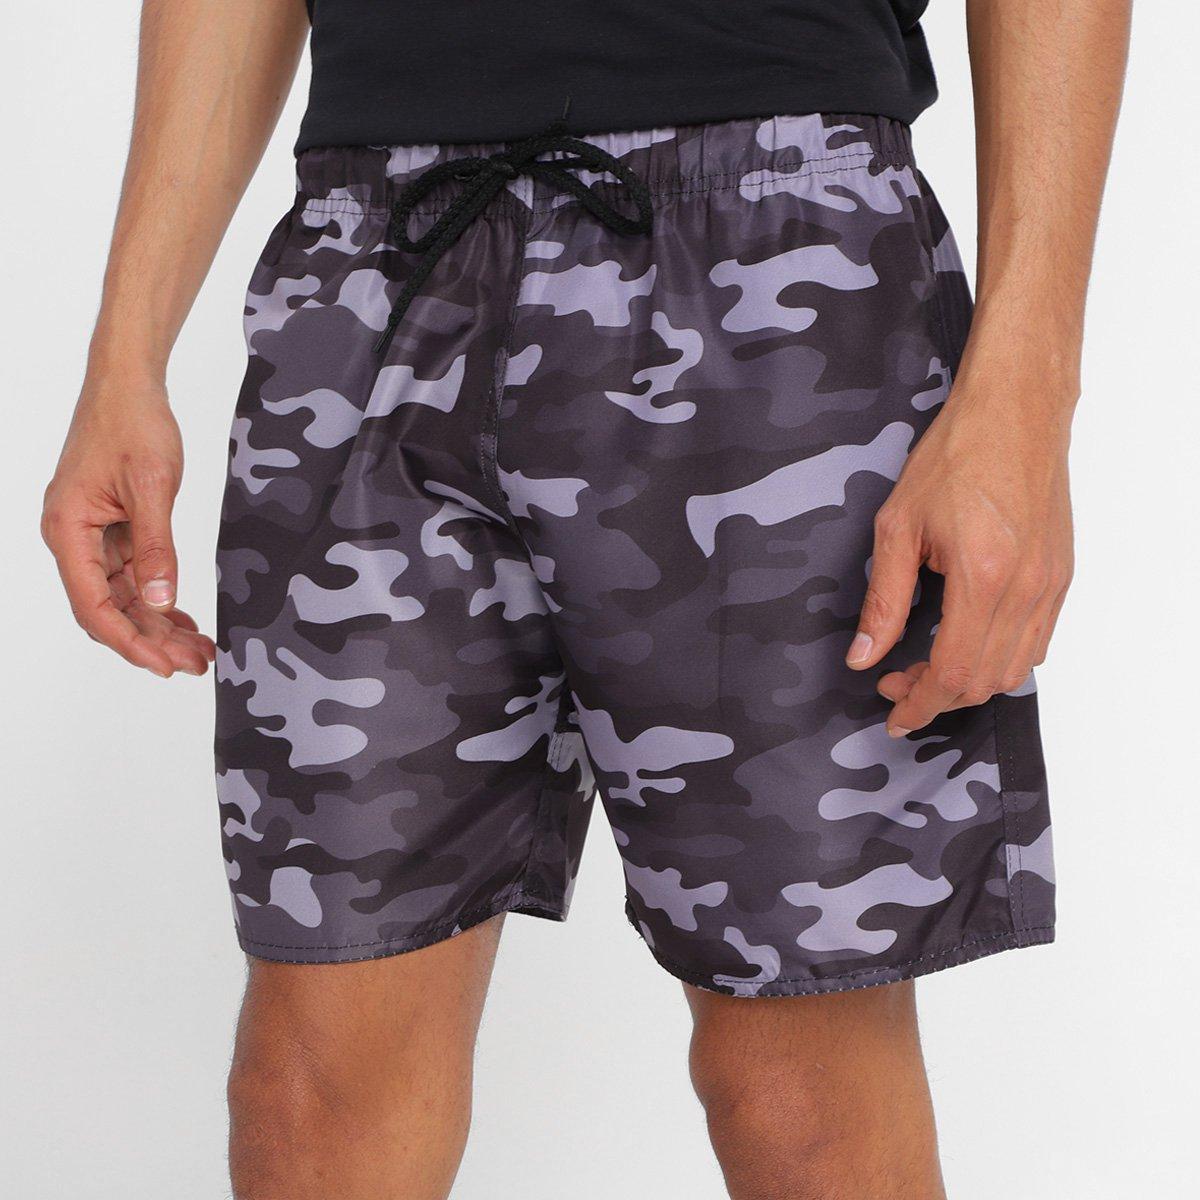 Shorts Wall Camuflado Masculino